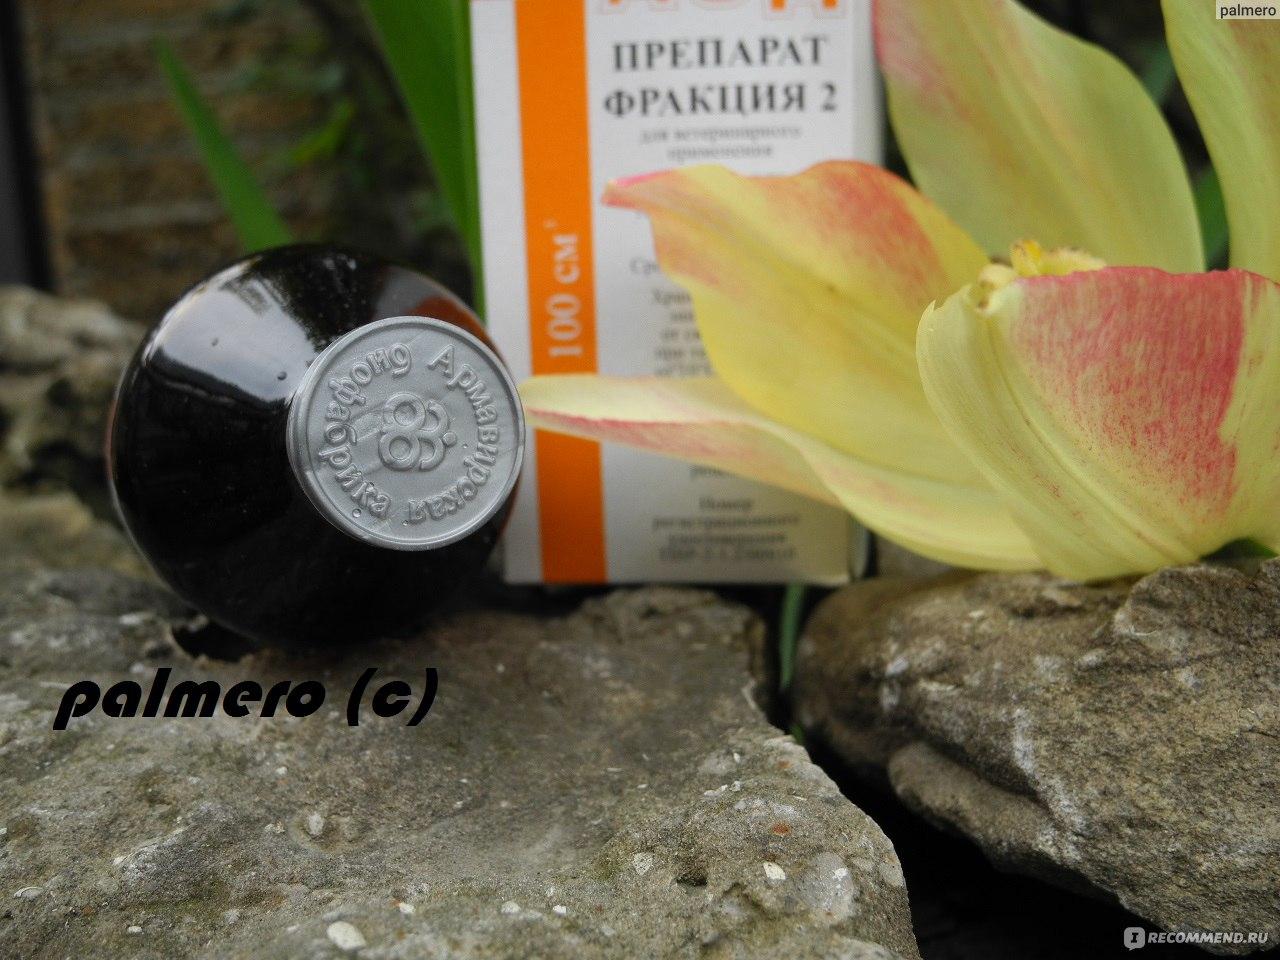 Лекарство асд фракция 2 от псориаза - Псориаз